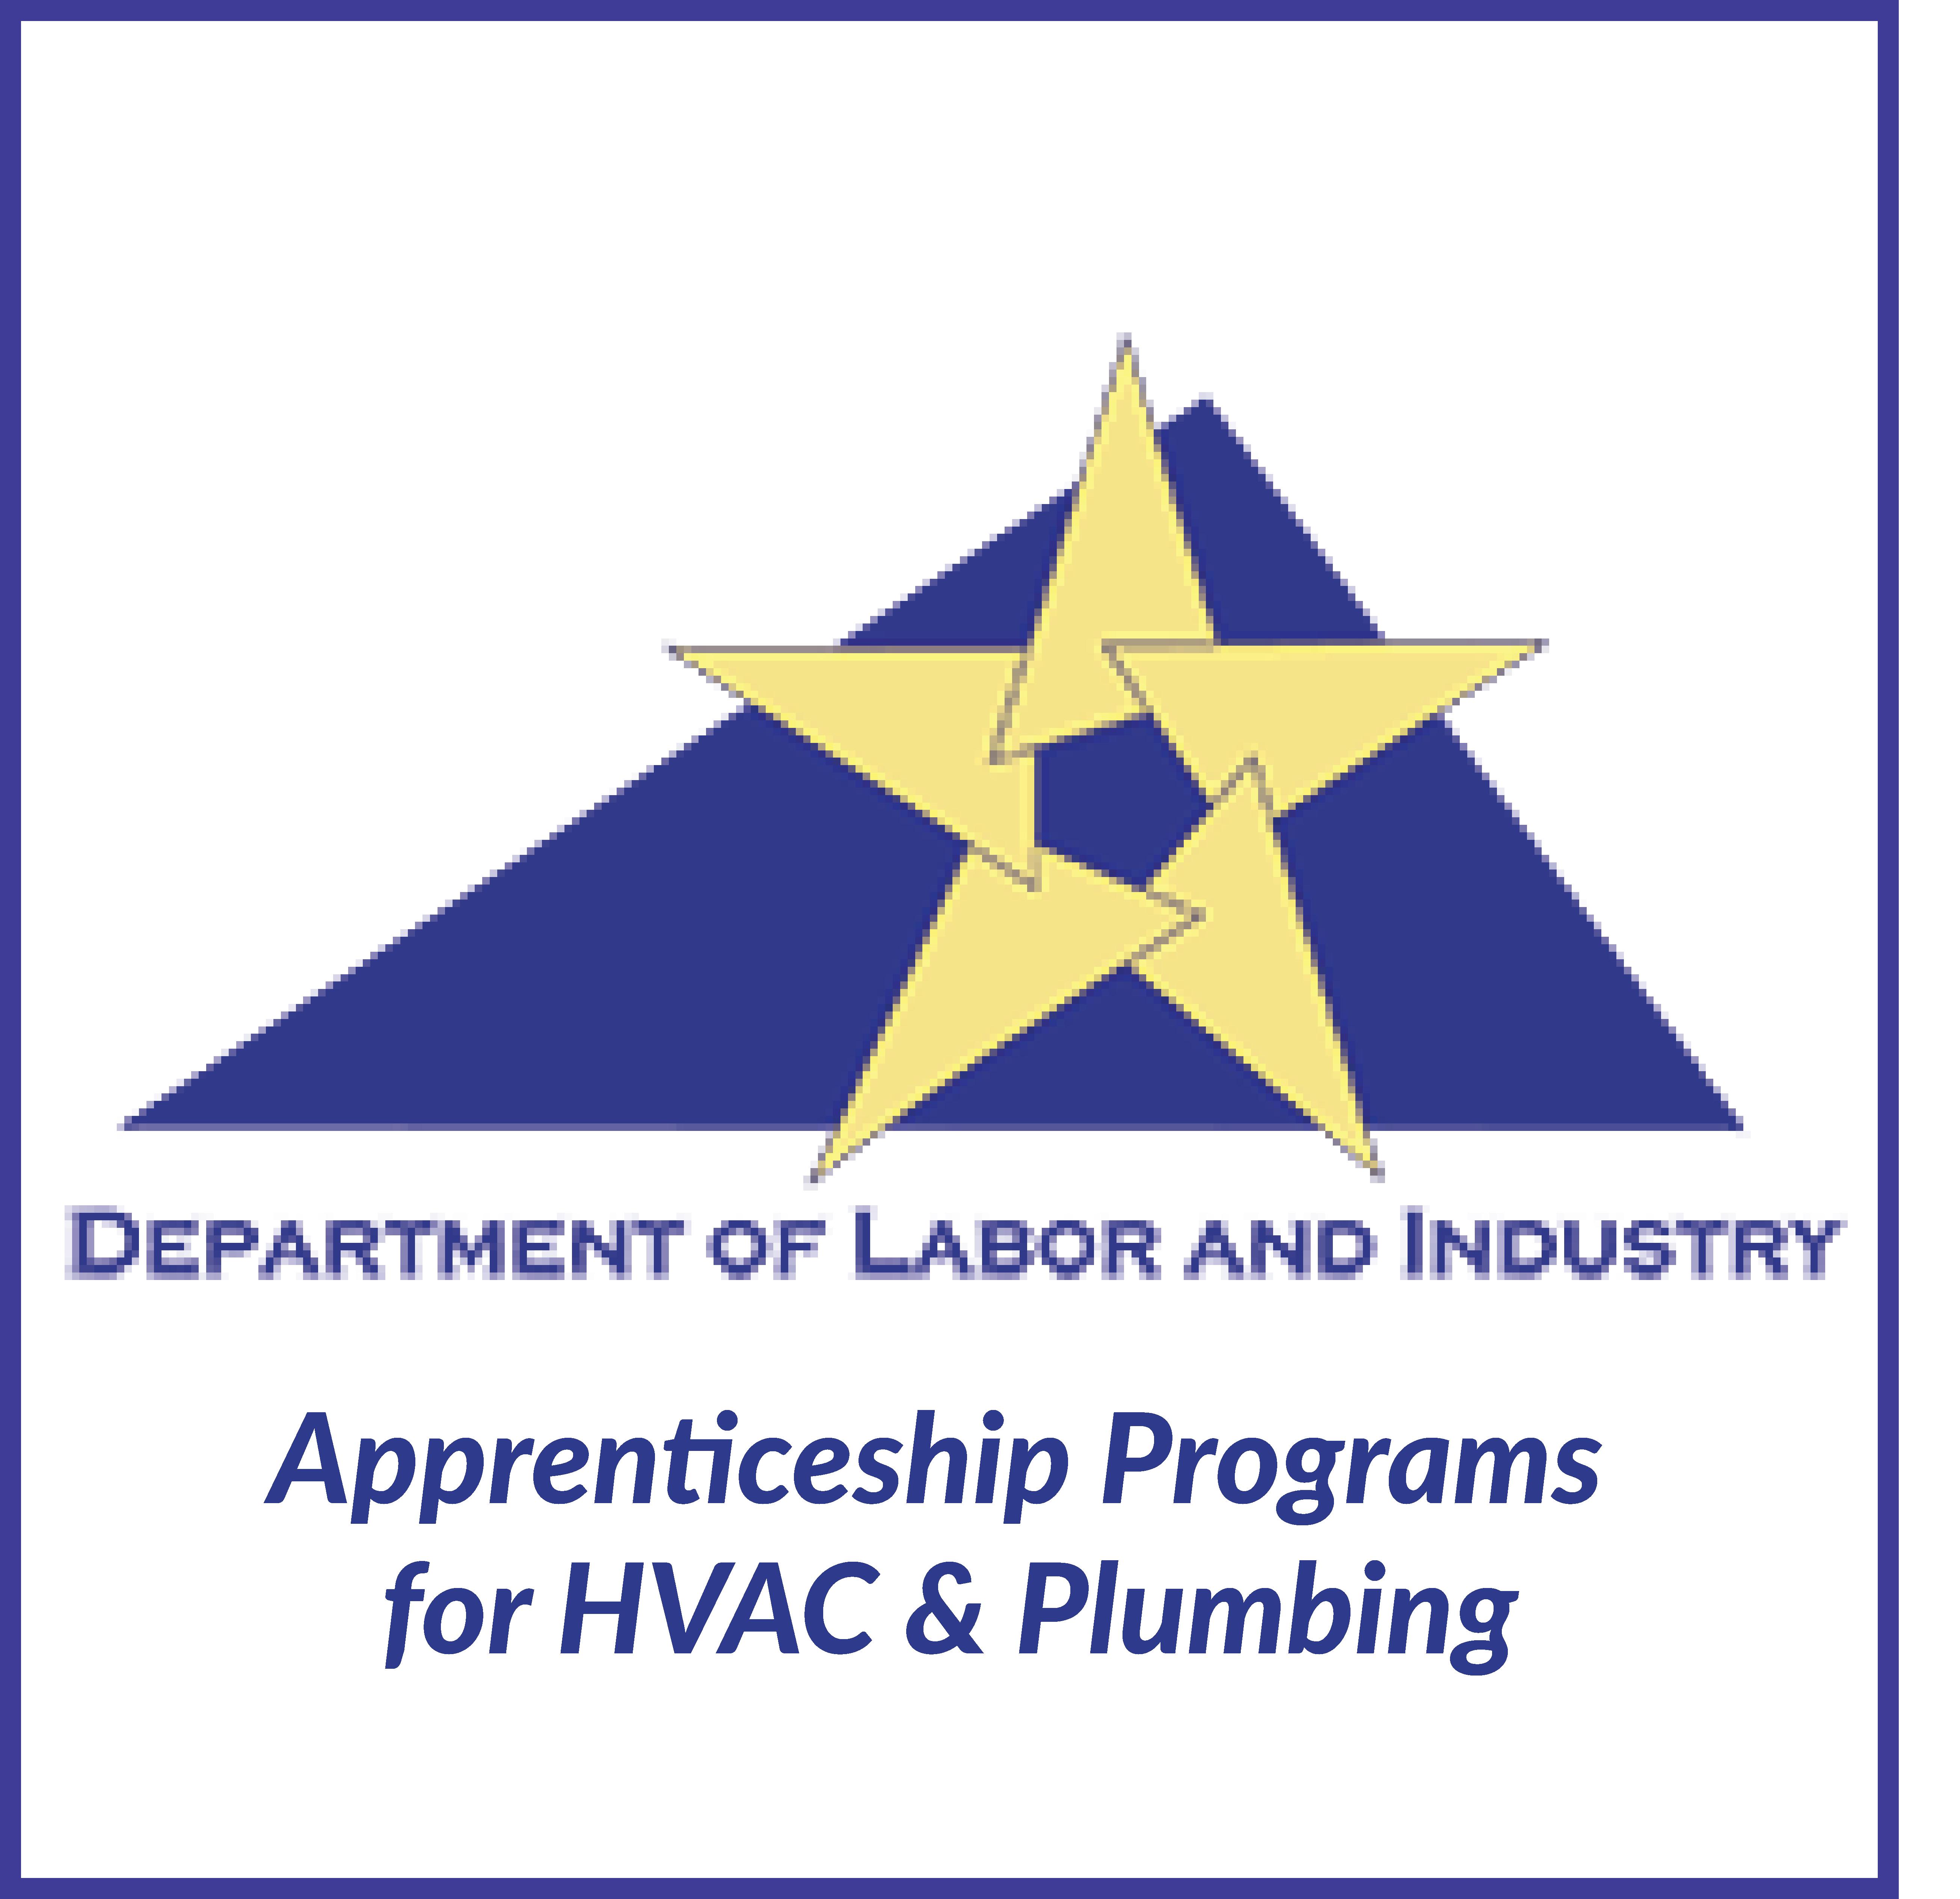 Apprenticeship program for HVAC & Plumbing